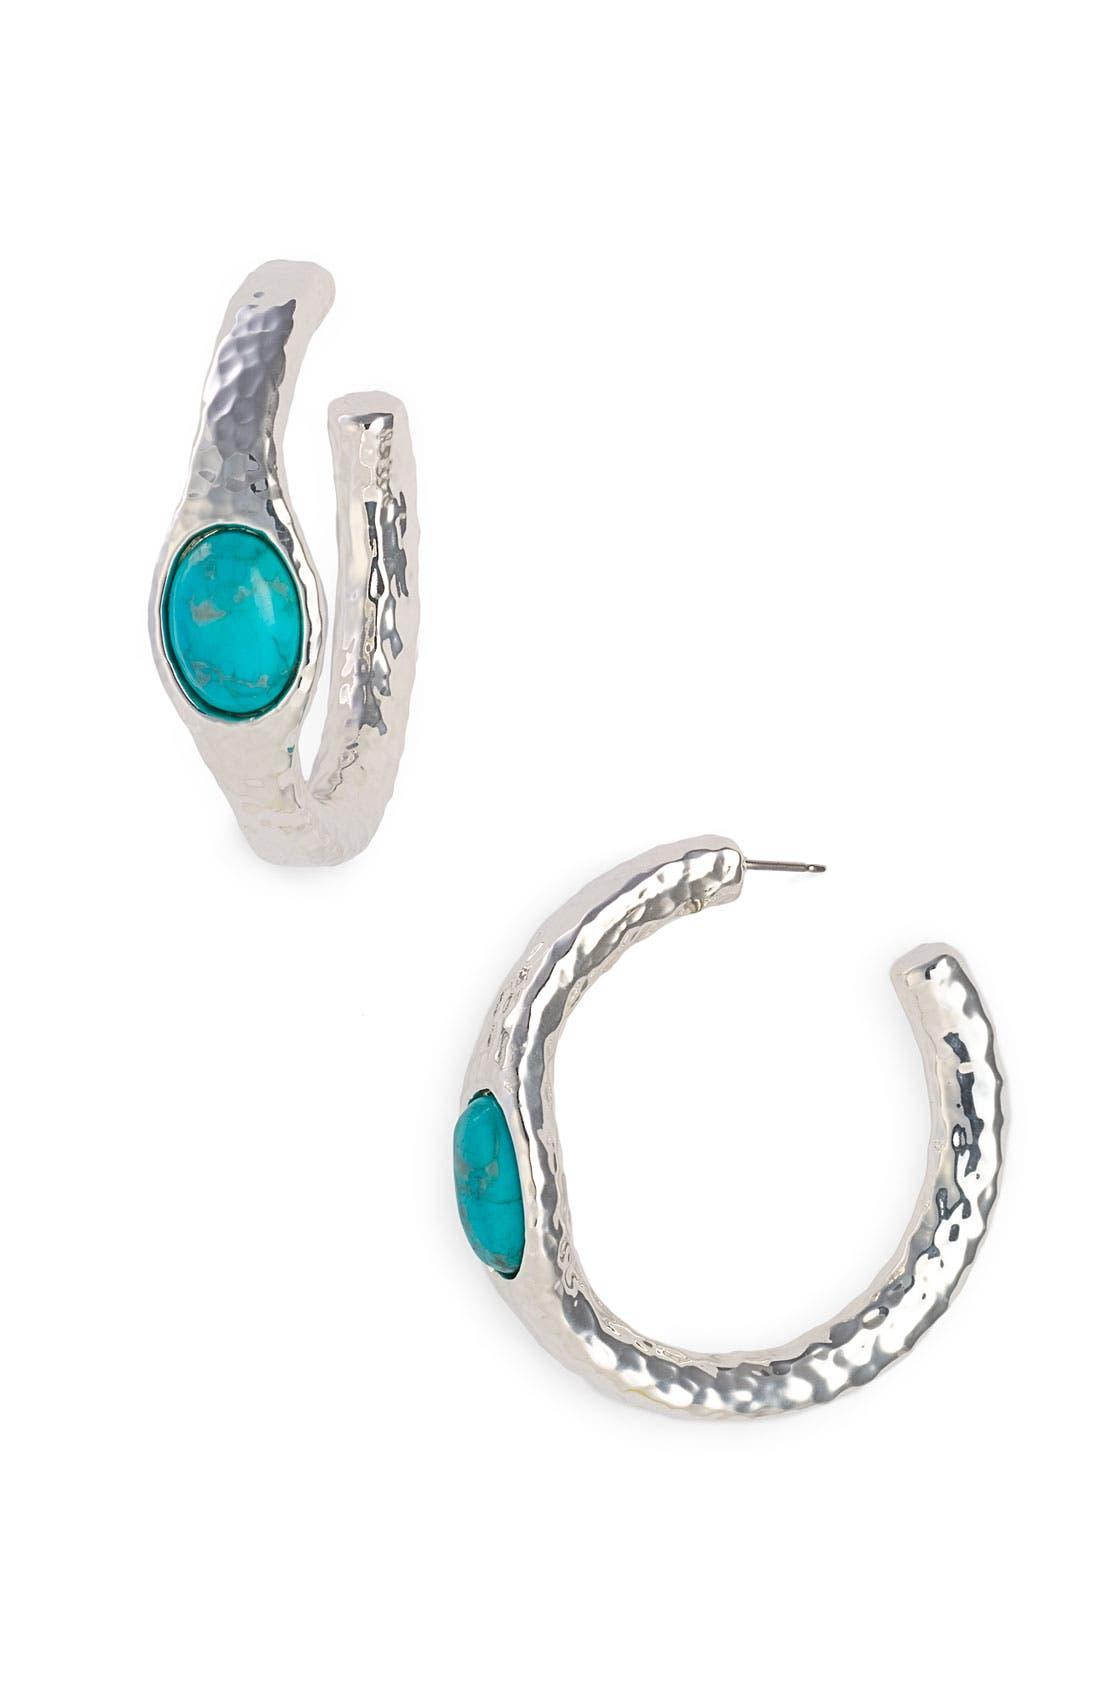 Main Image - Simon Sebbag Stone Hoop Earrings